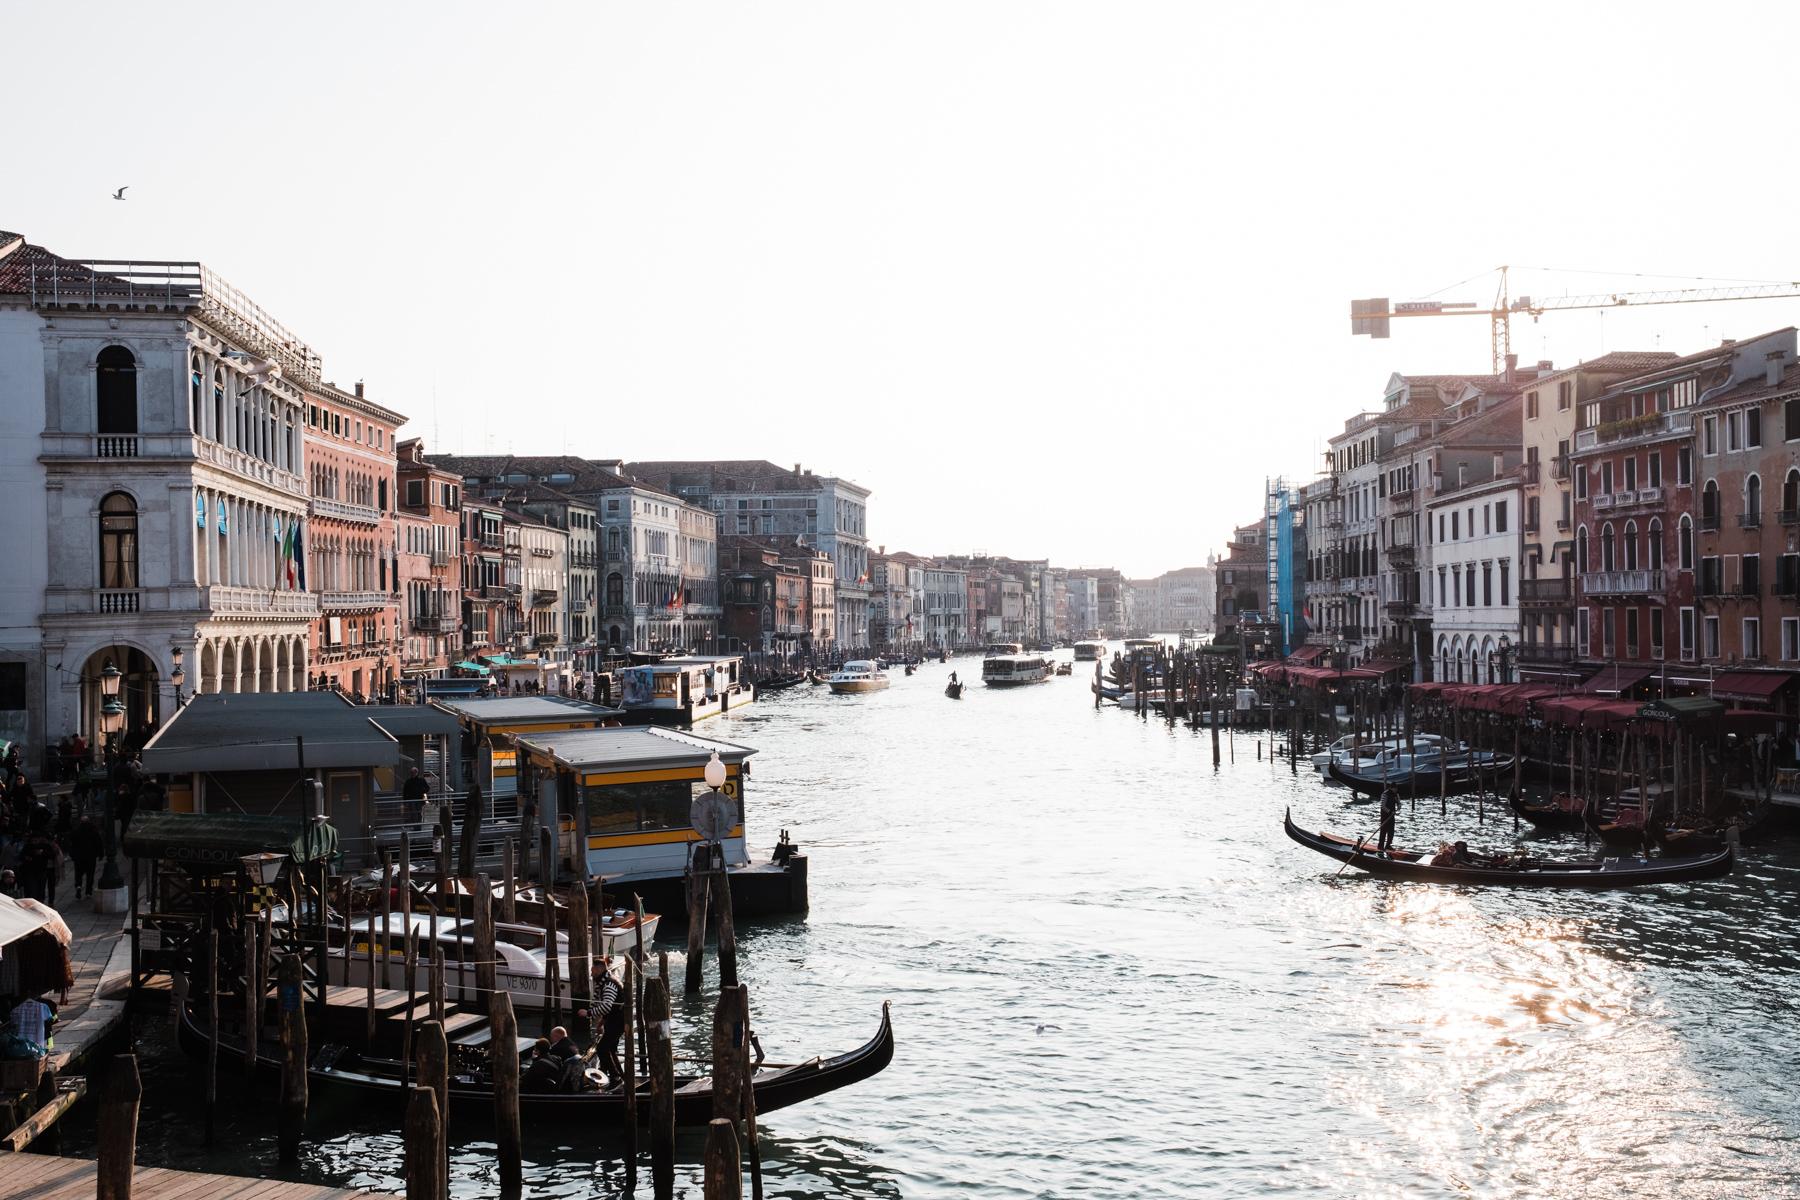 Venice_deersphotography-105